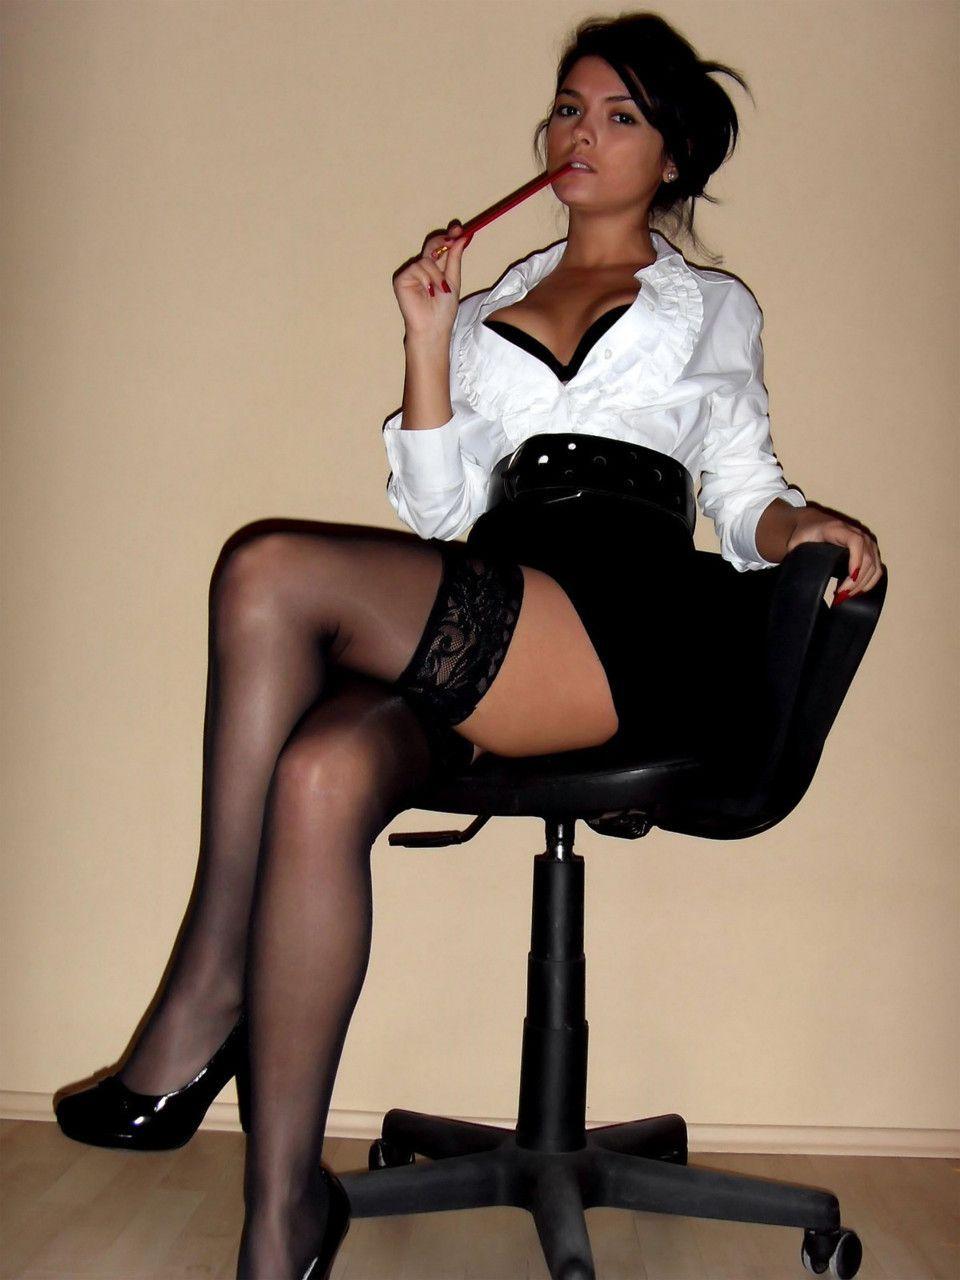 italienische sexstellung heels nylons